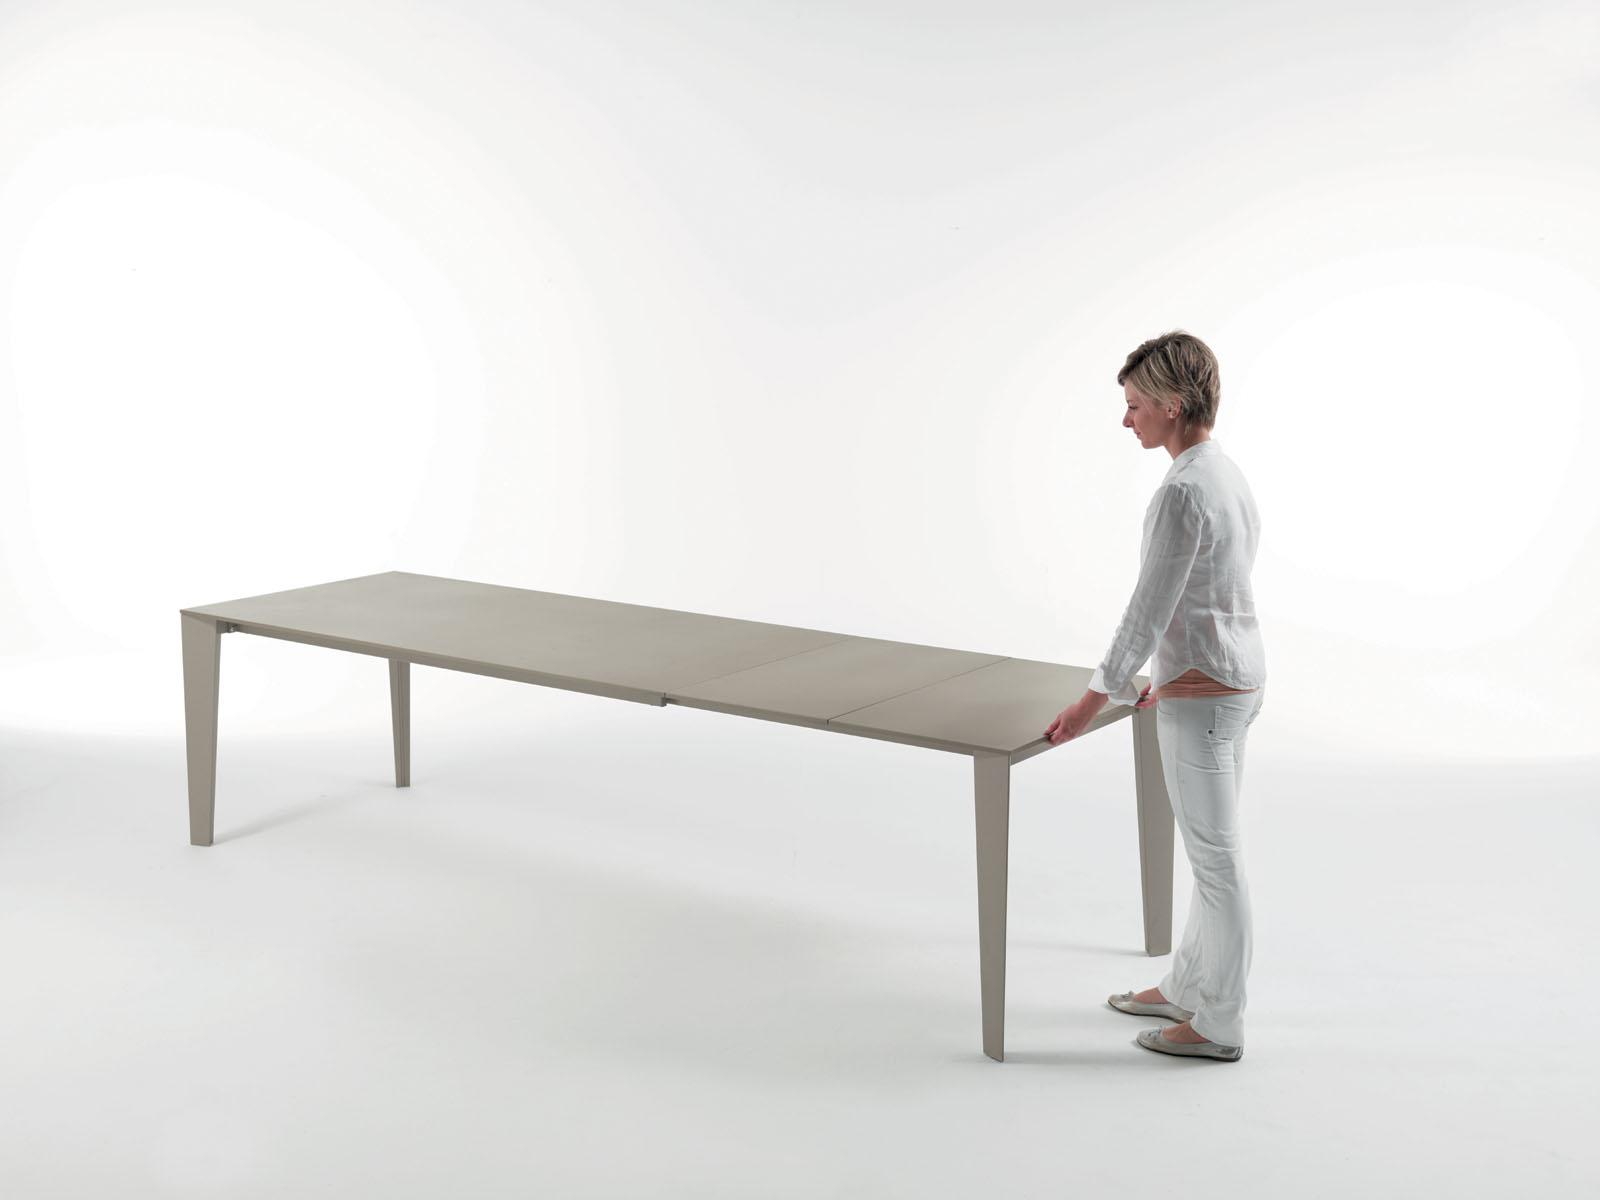 CRUZ tavolo di Bontempi | Frapiccini Arredamenti